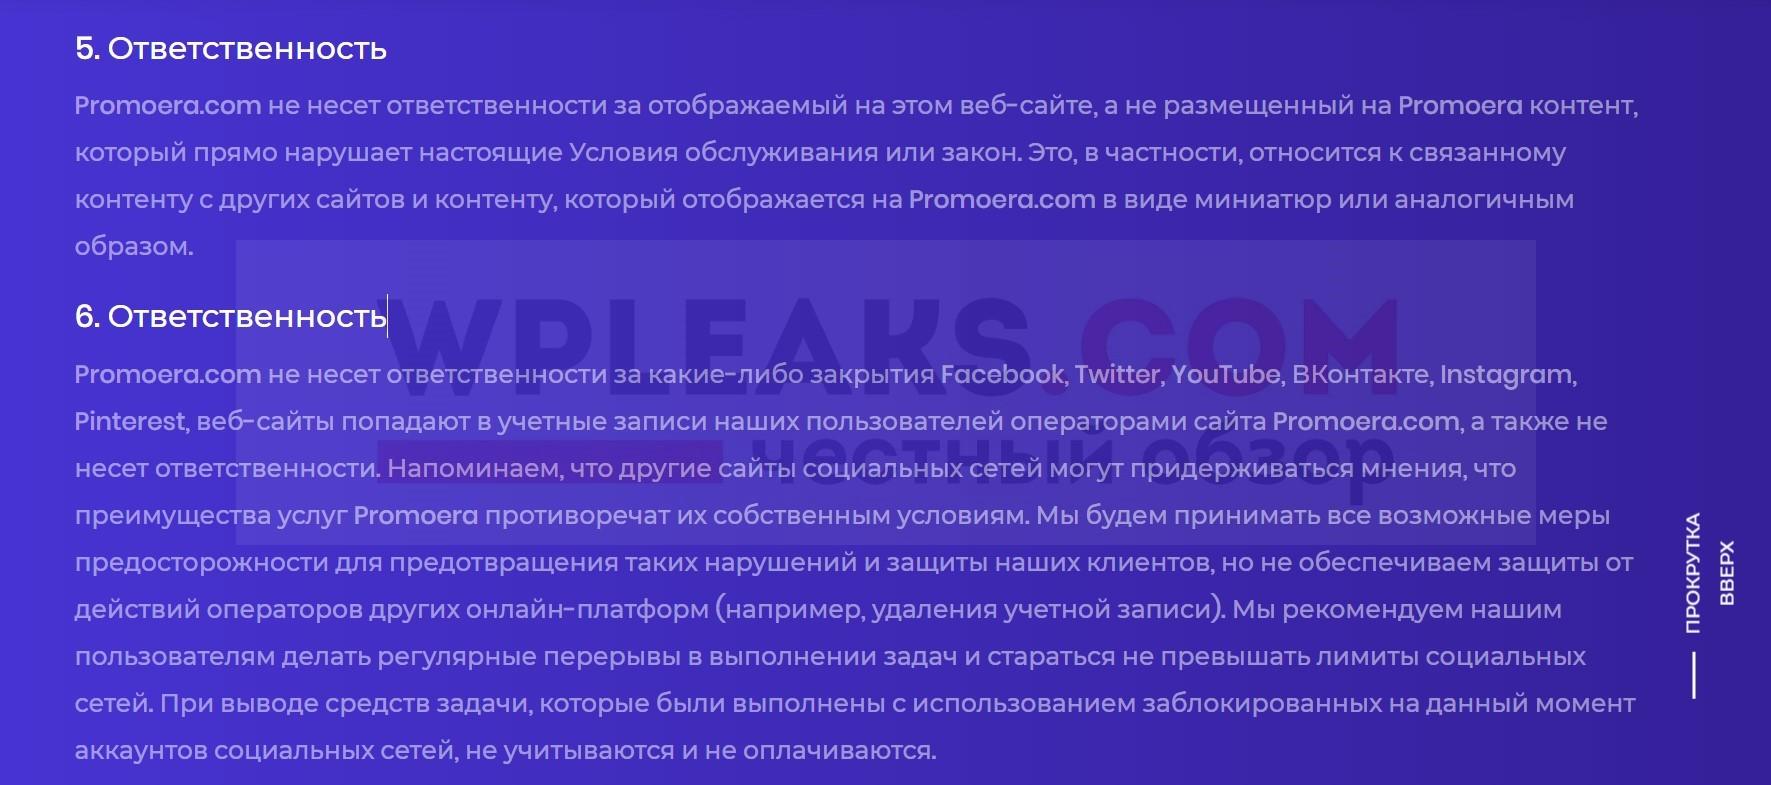 promoera.com обзор